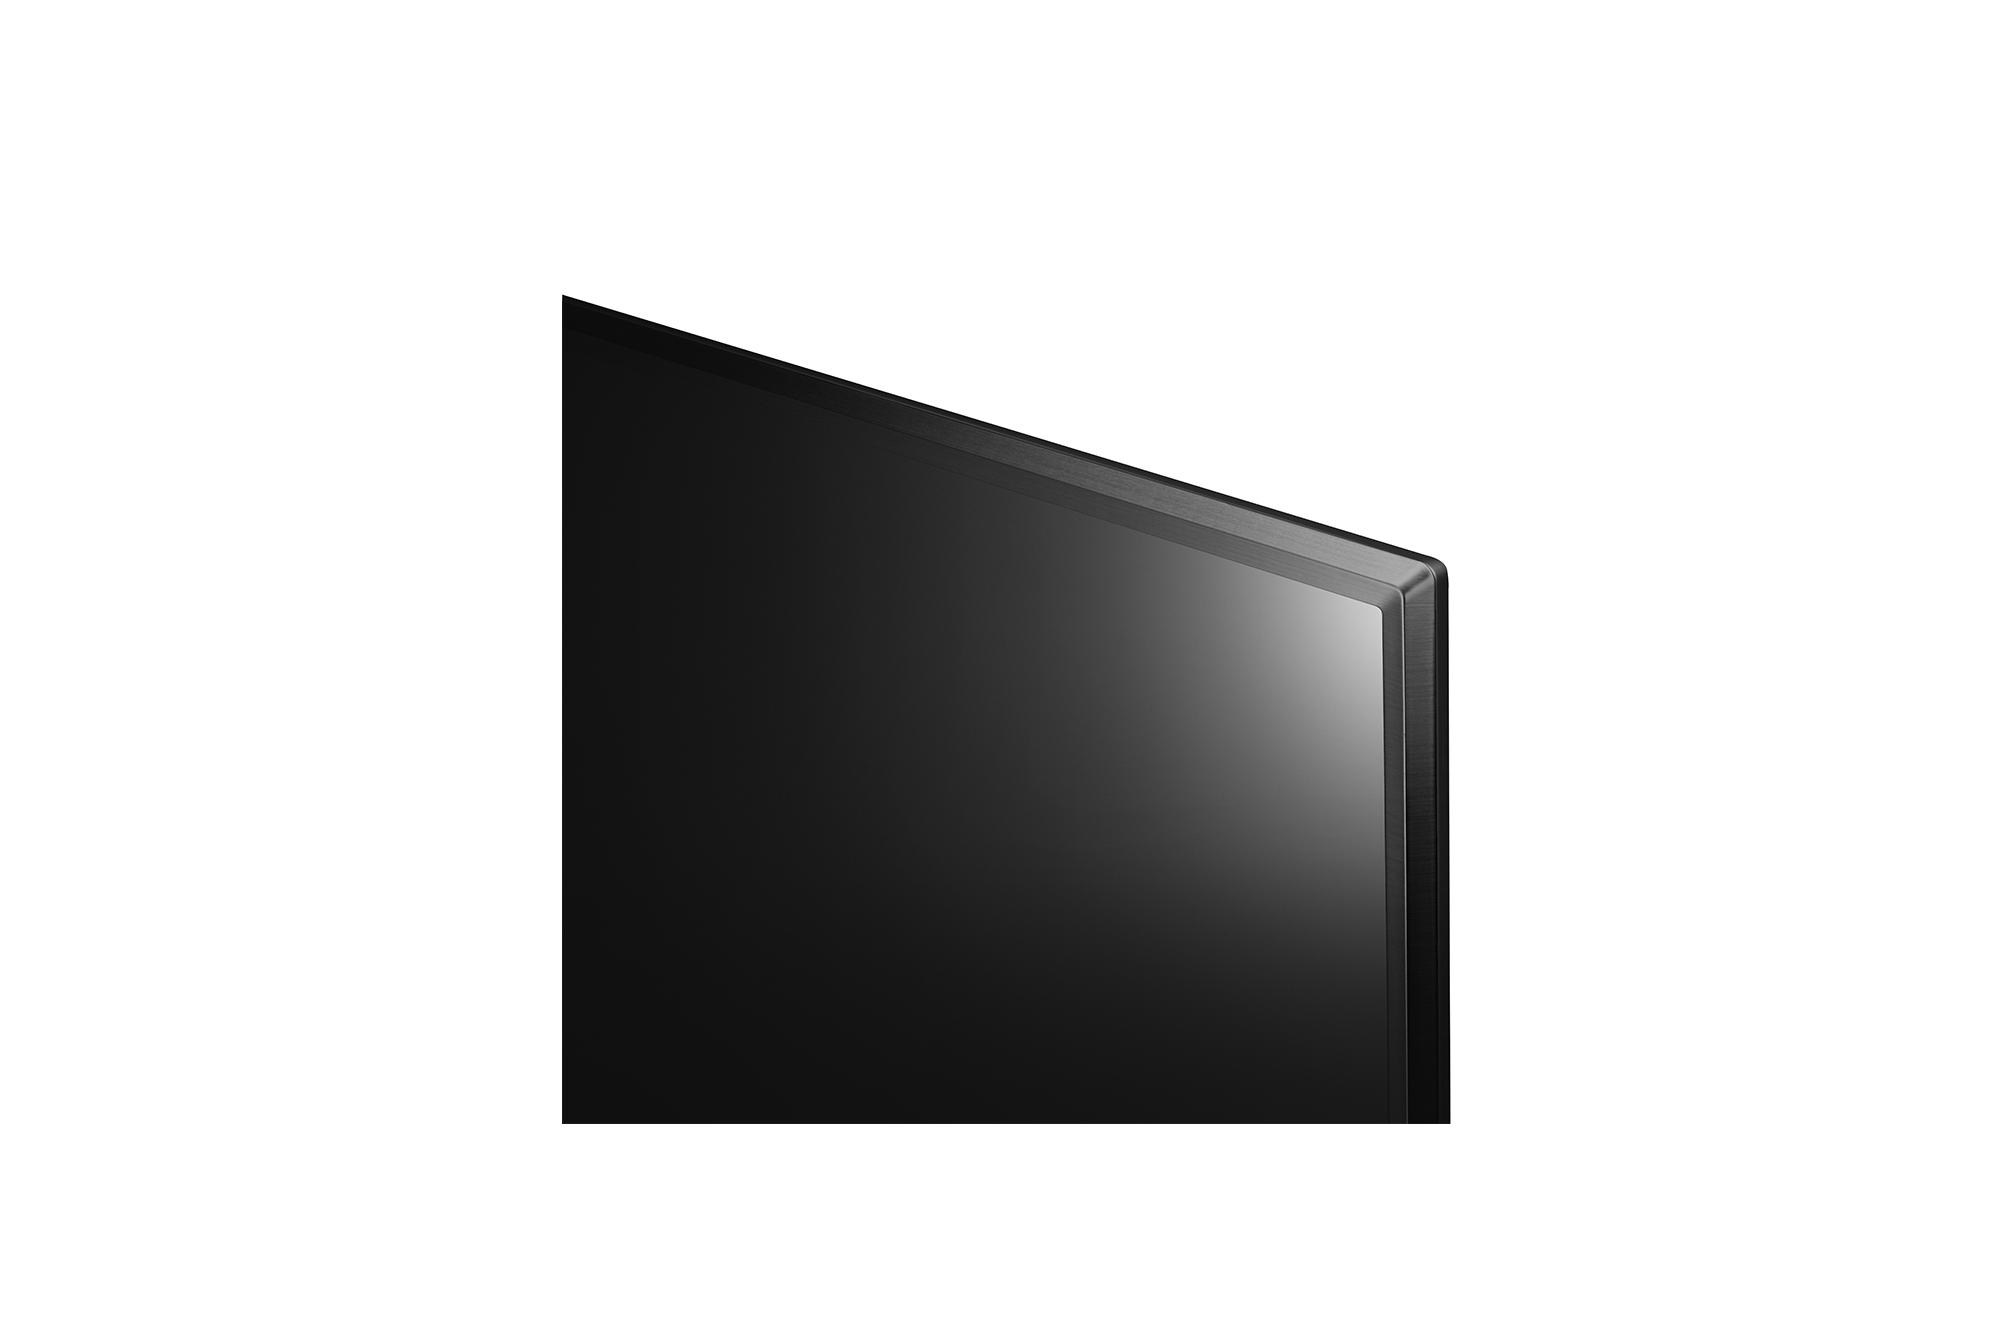 LG Standard Premium 86UL3G-B-11